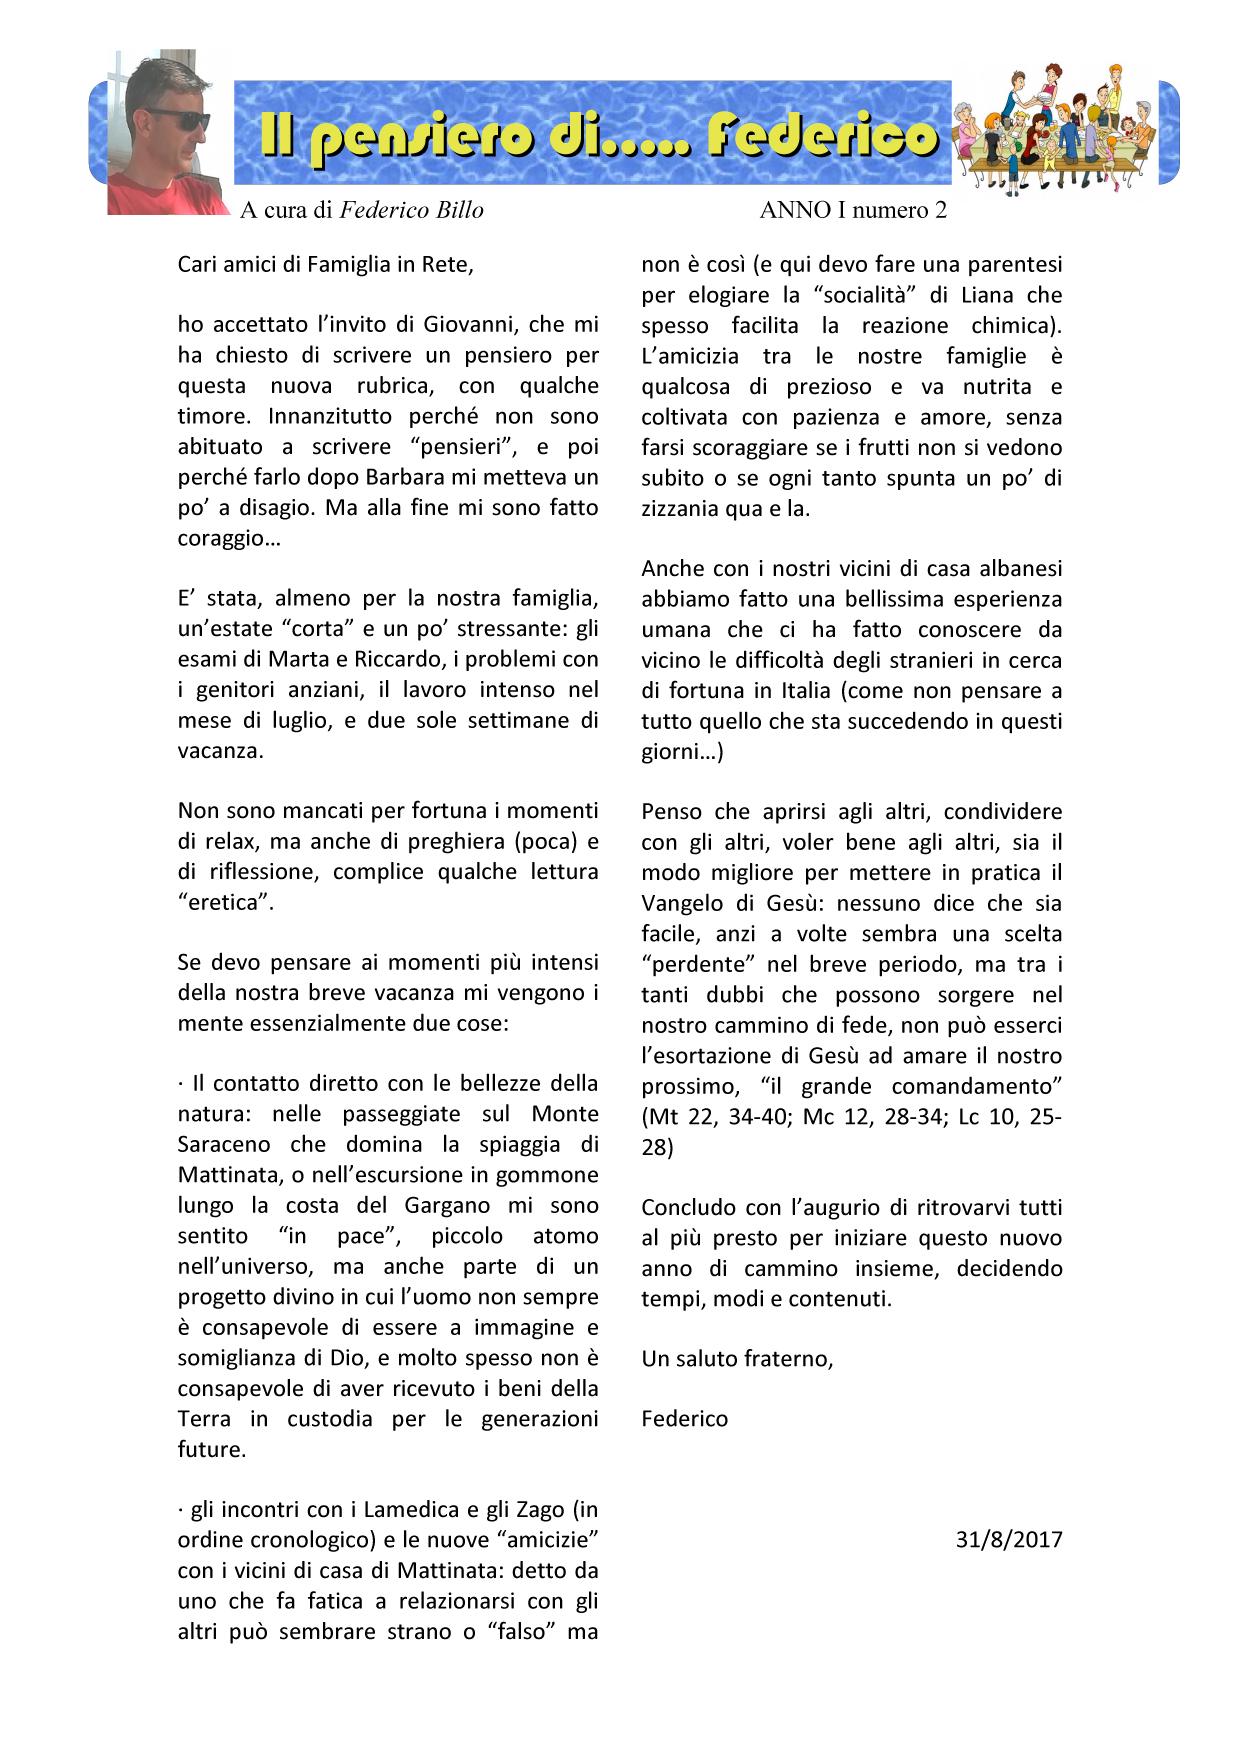 Federico Anno I Numero 2 copia